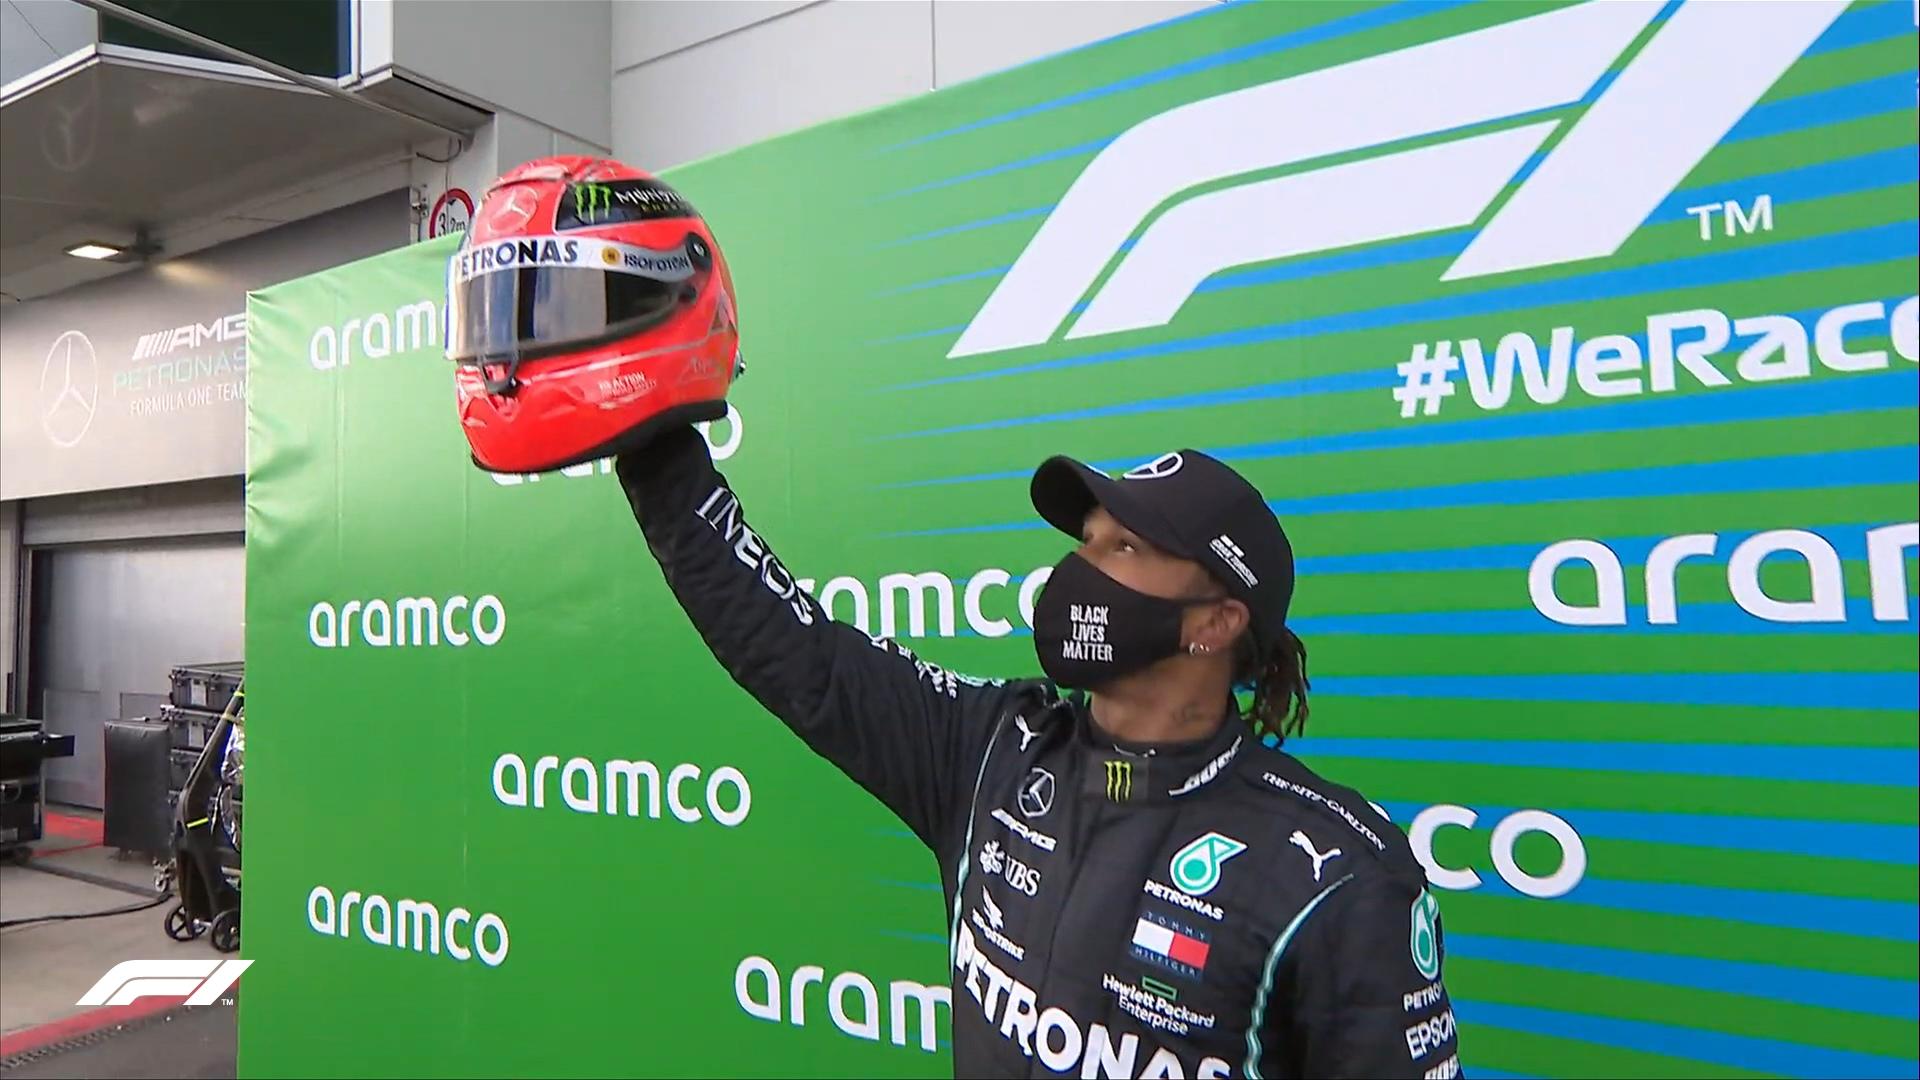 Льюис Хэмилтон сравнялся по числу побед с Михаэлем Шумахером